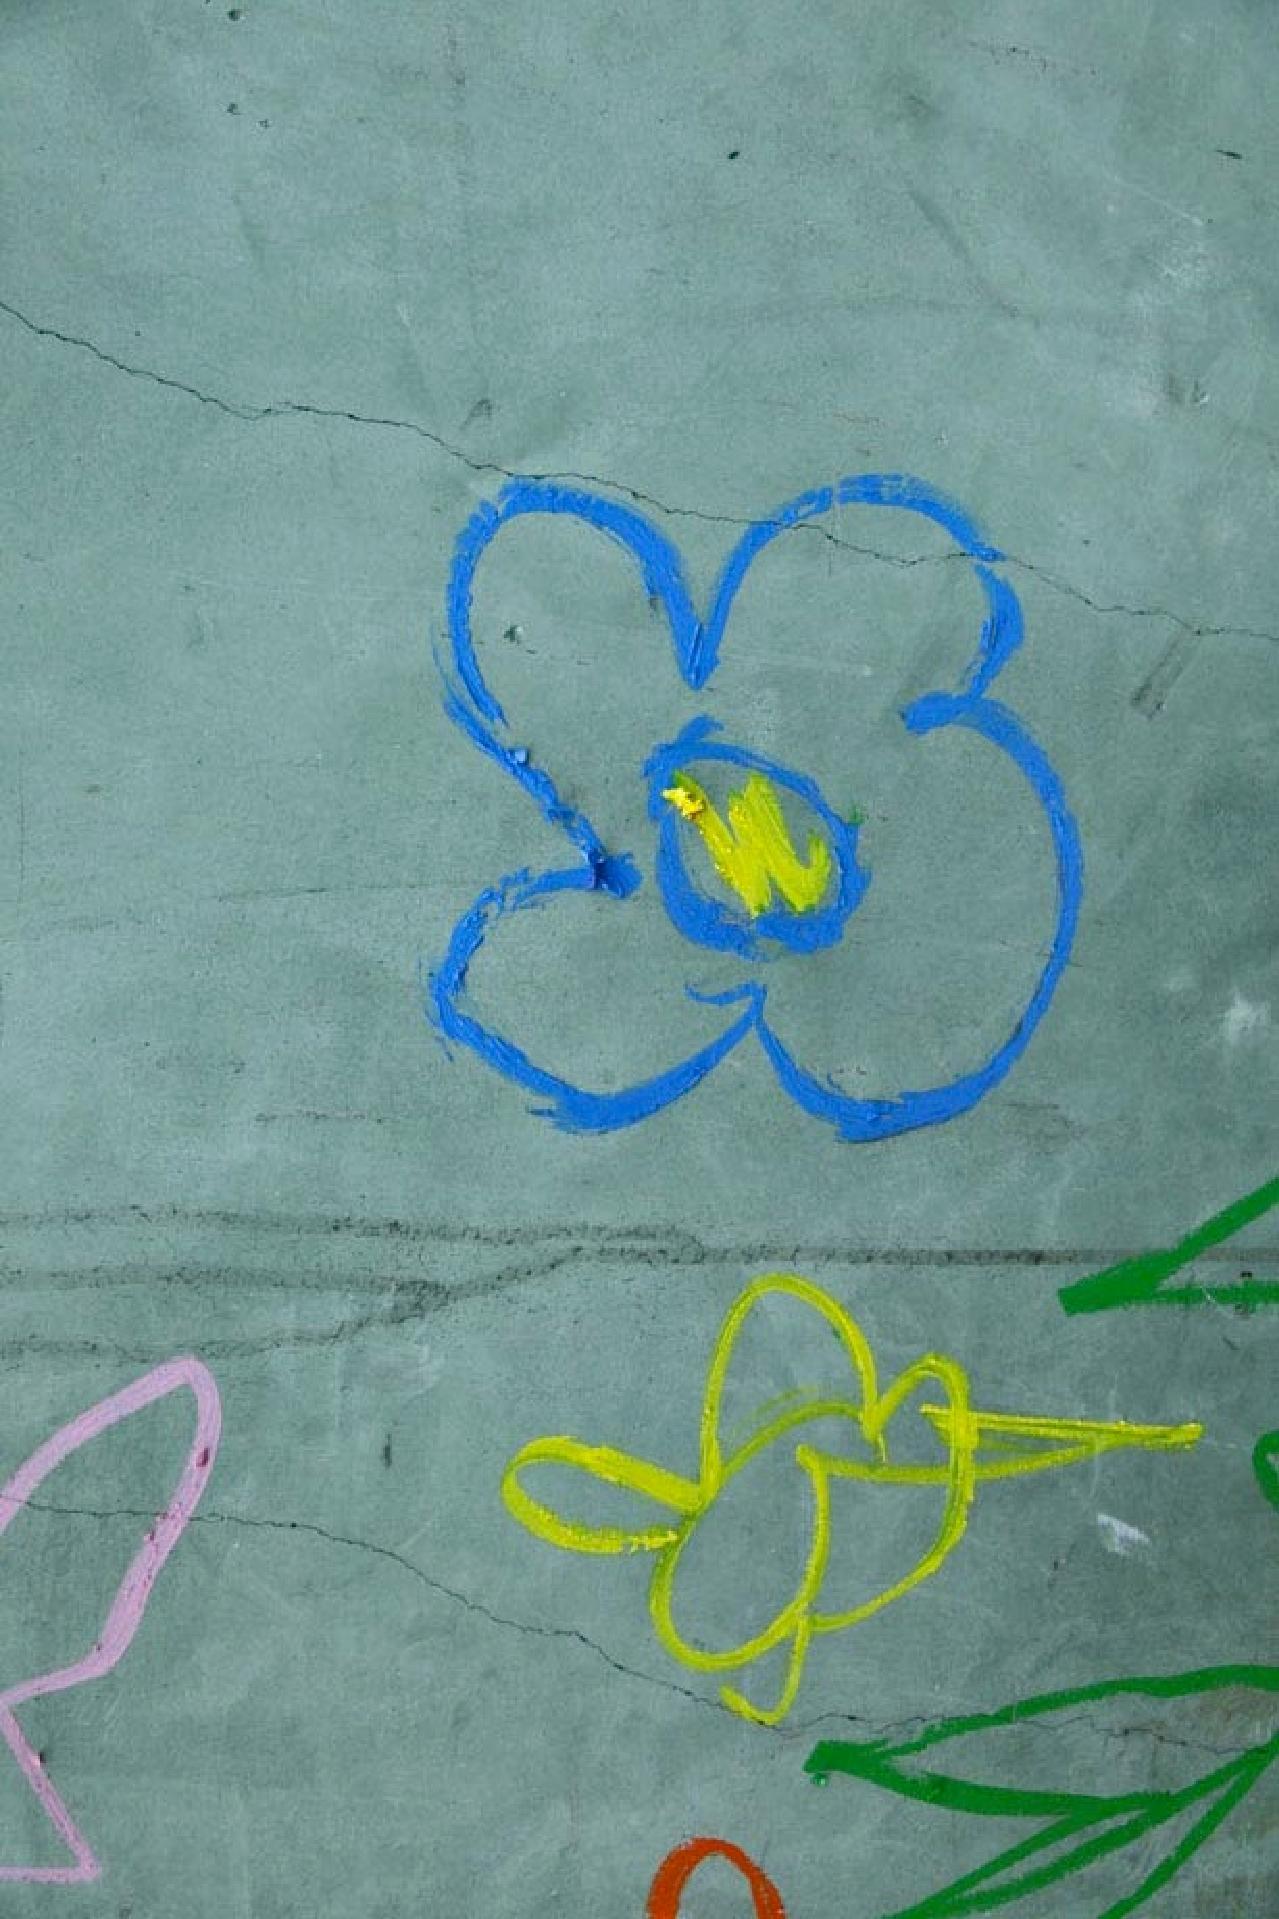 banksy_crayon